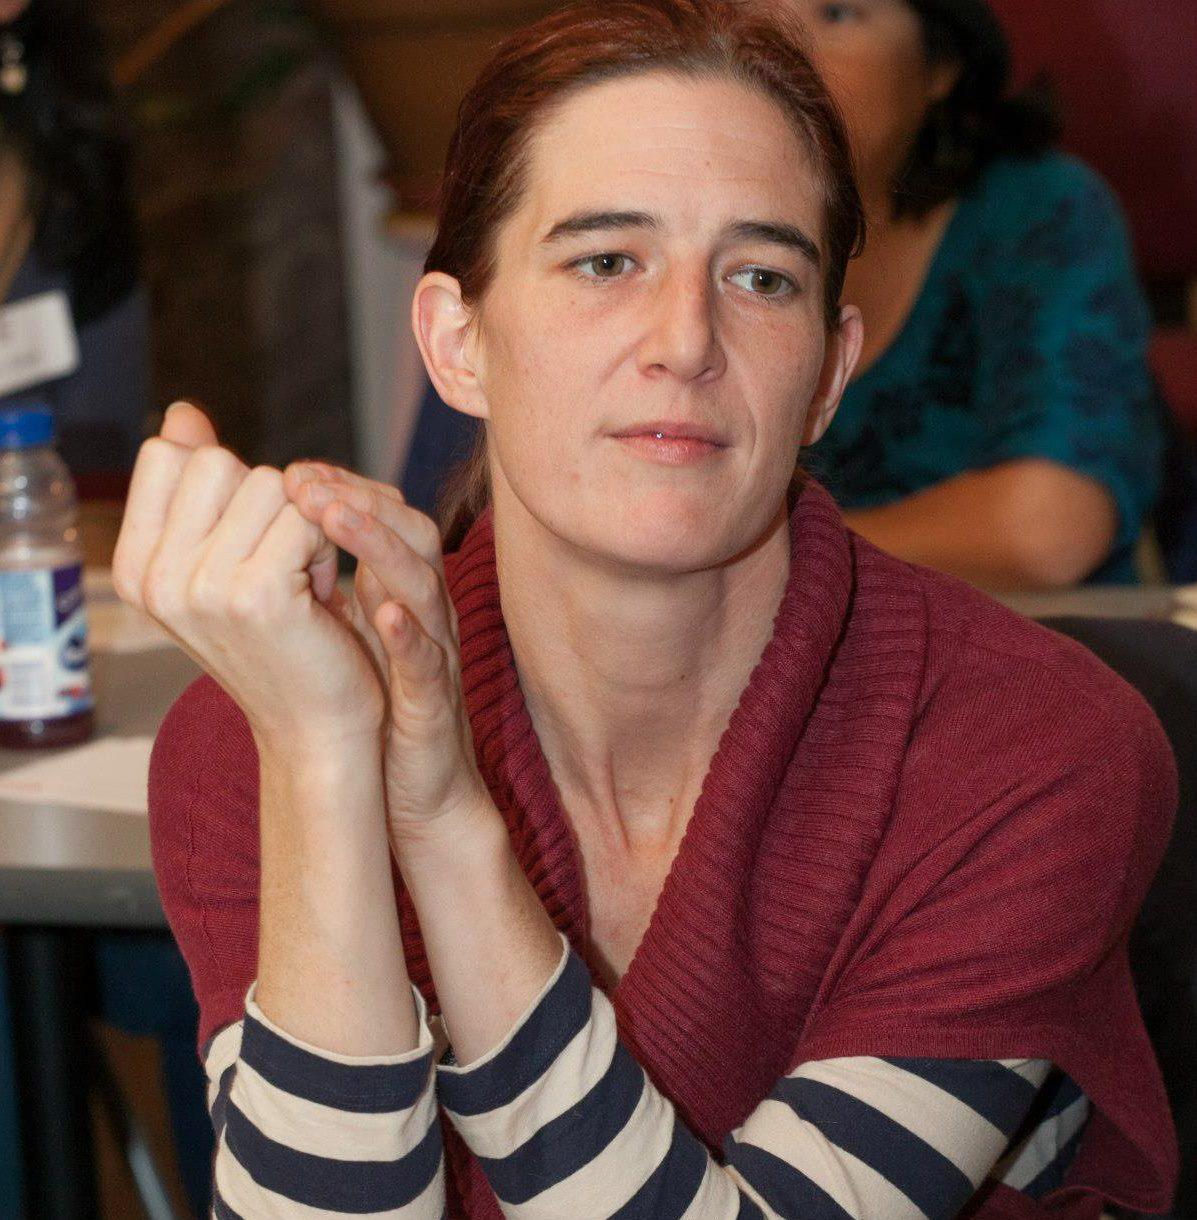 Jessica Crabill